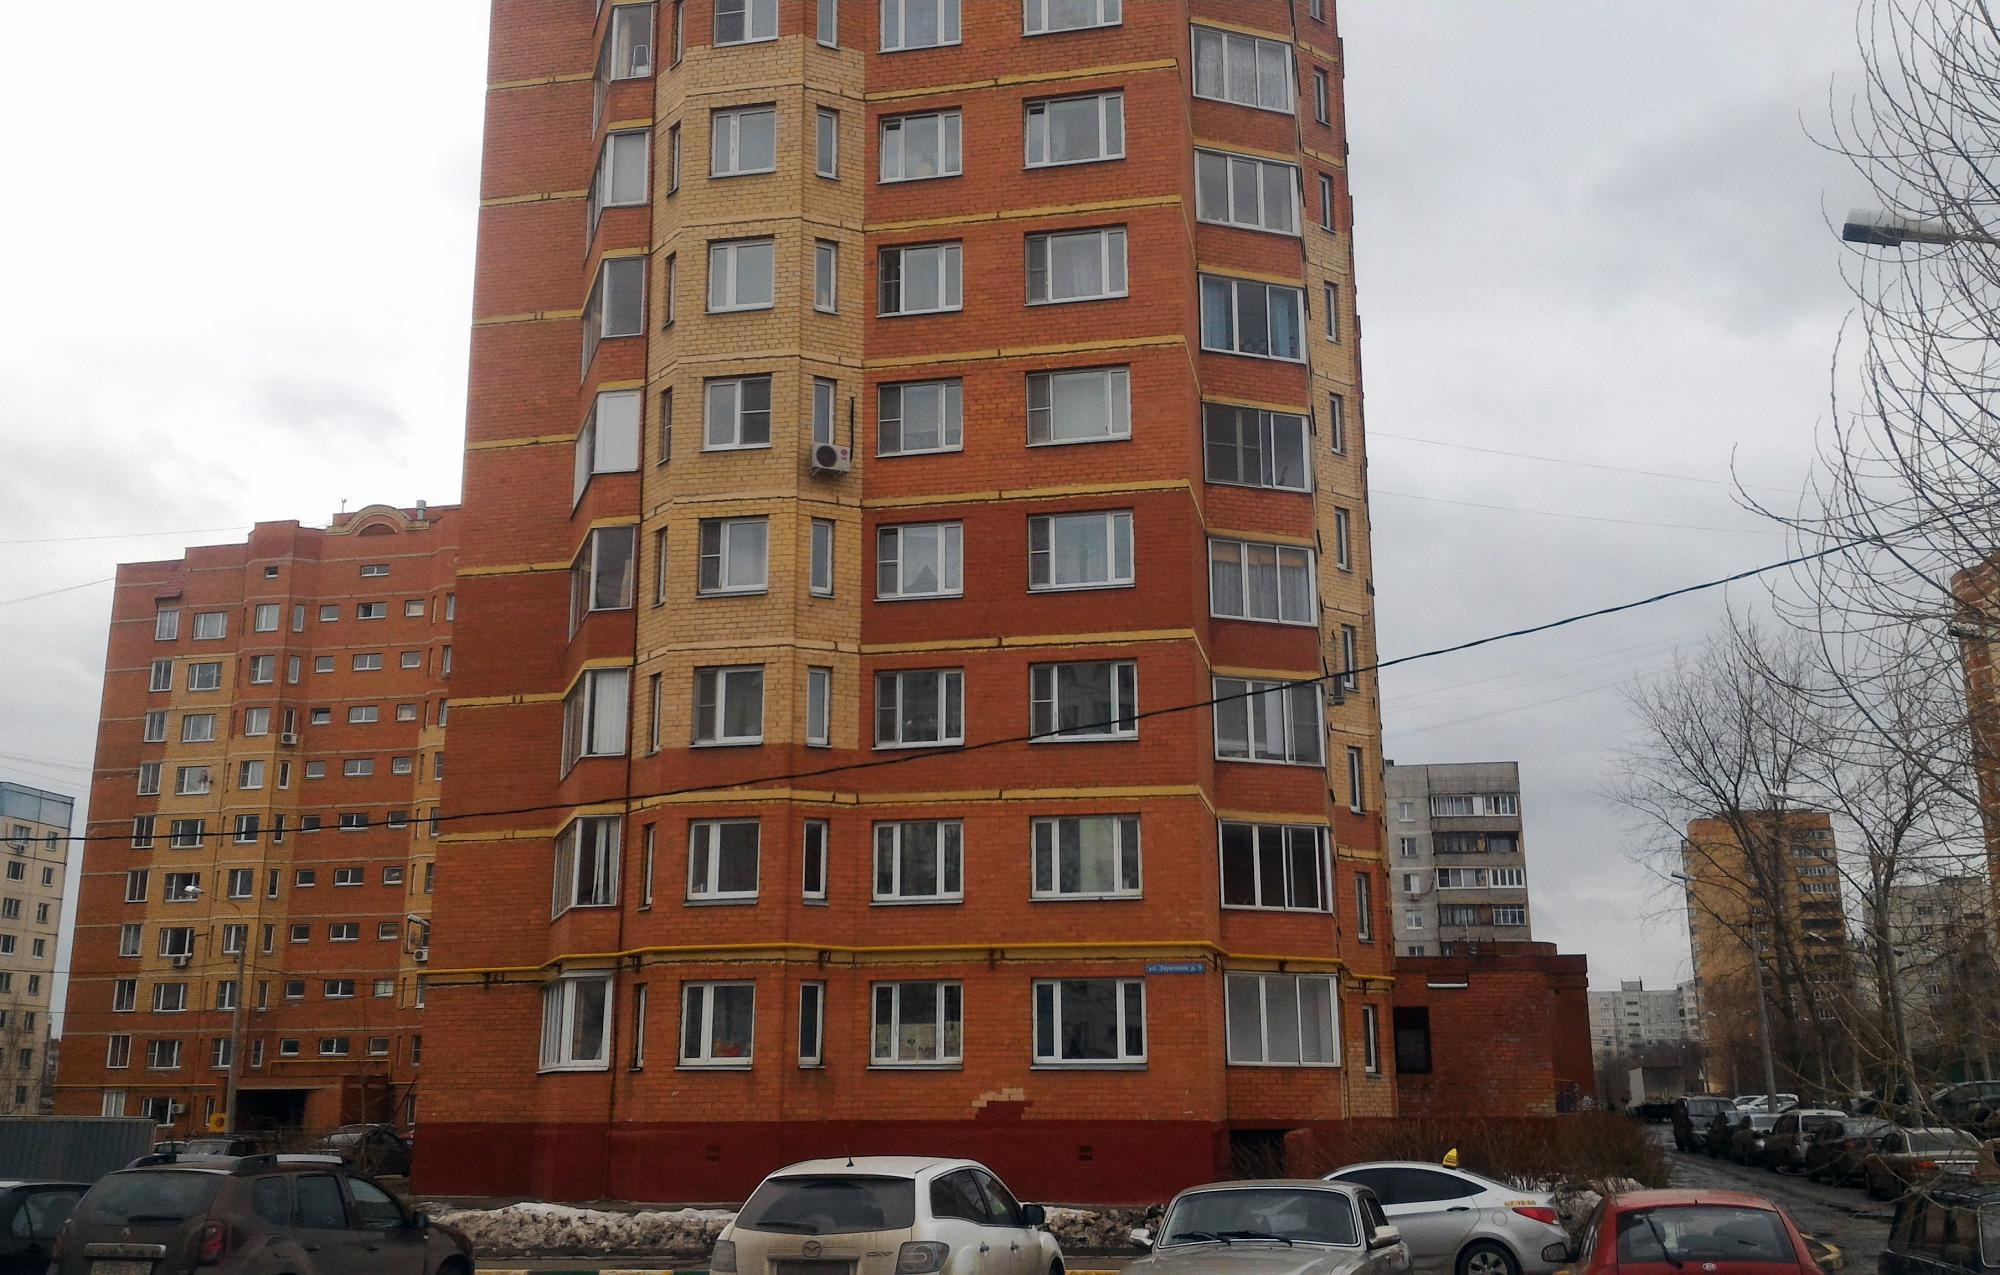 Объявление о продаже двухкомнатной квартиры площадью 770 квм заречная ул д 9, город щелково